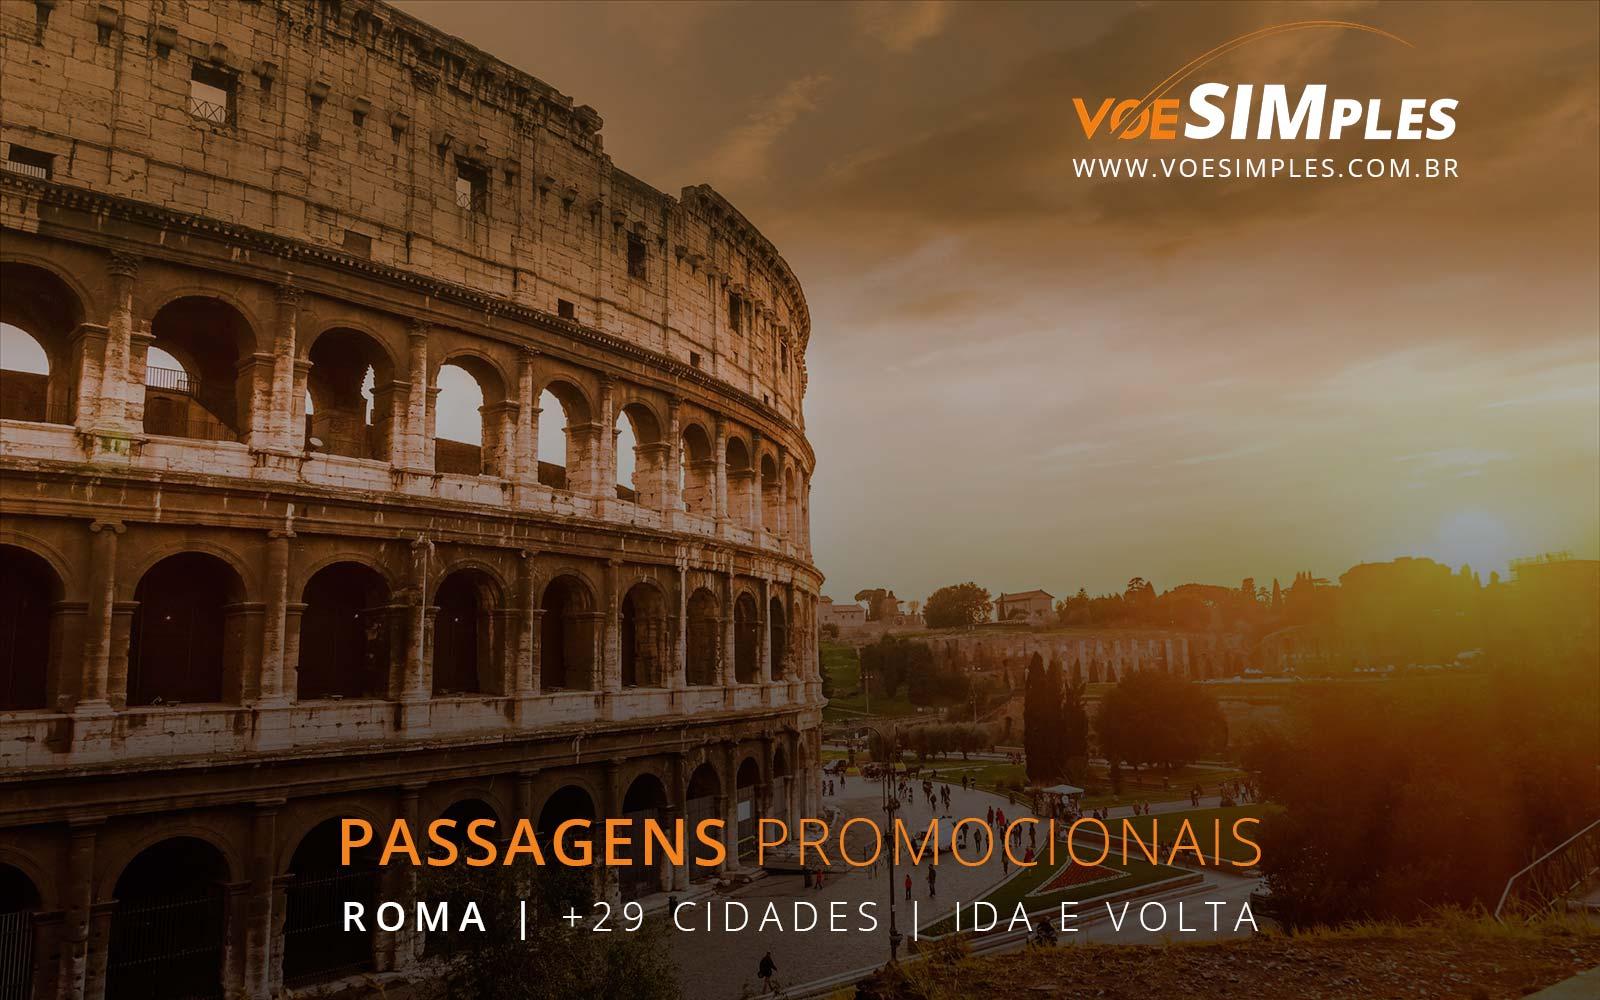 Passagens aéreas promocionais para Roma, Amsterdã, Lisboa, Paris e Veneza na Europa